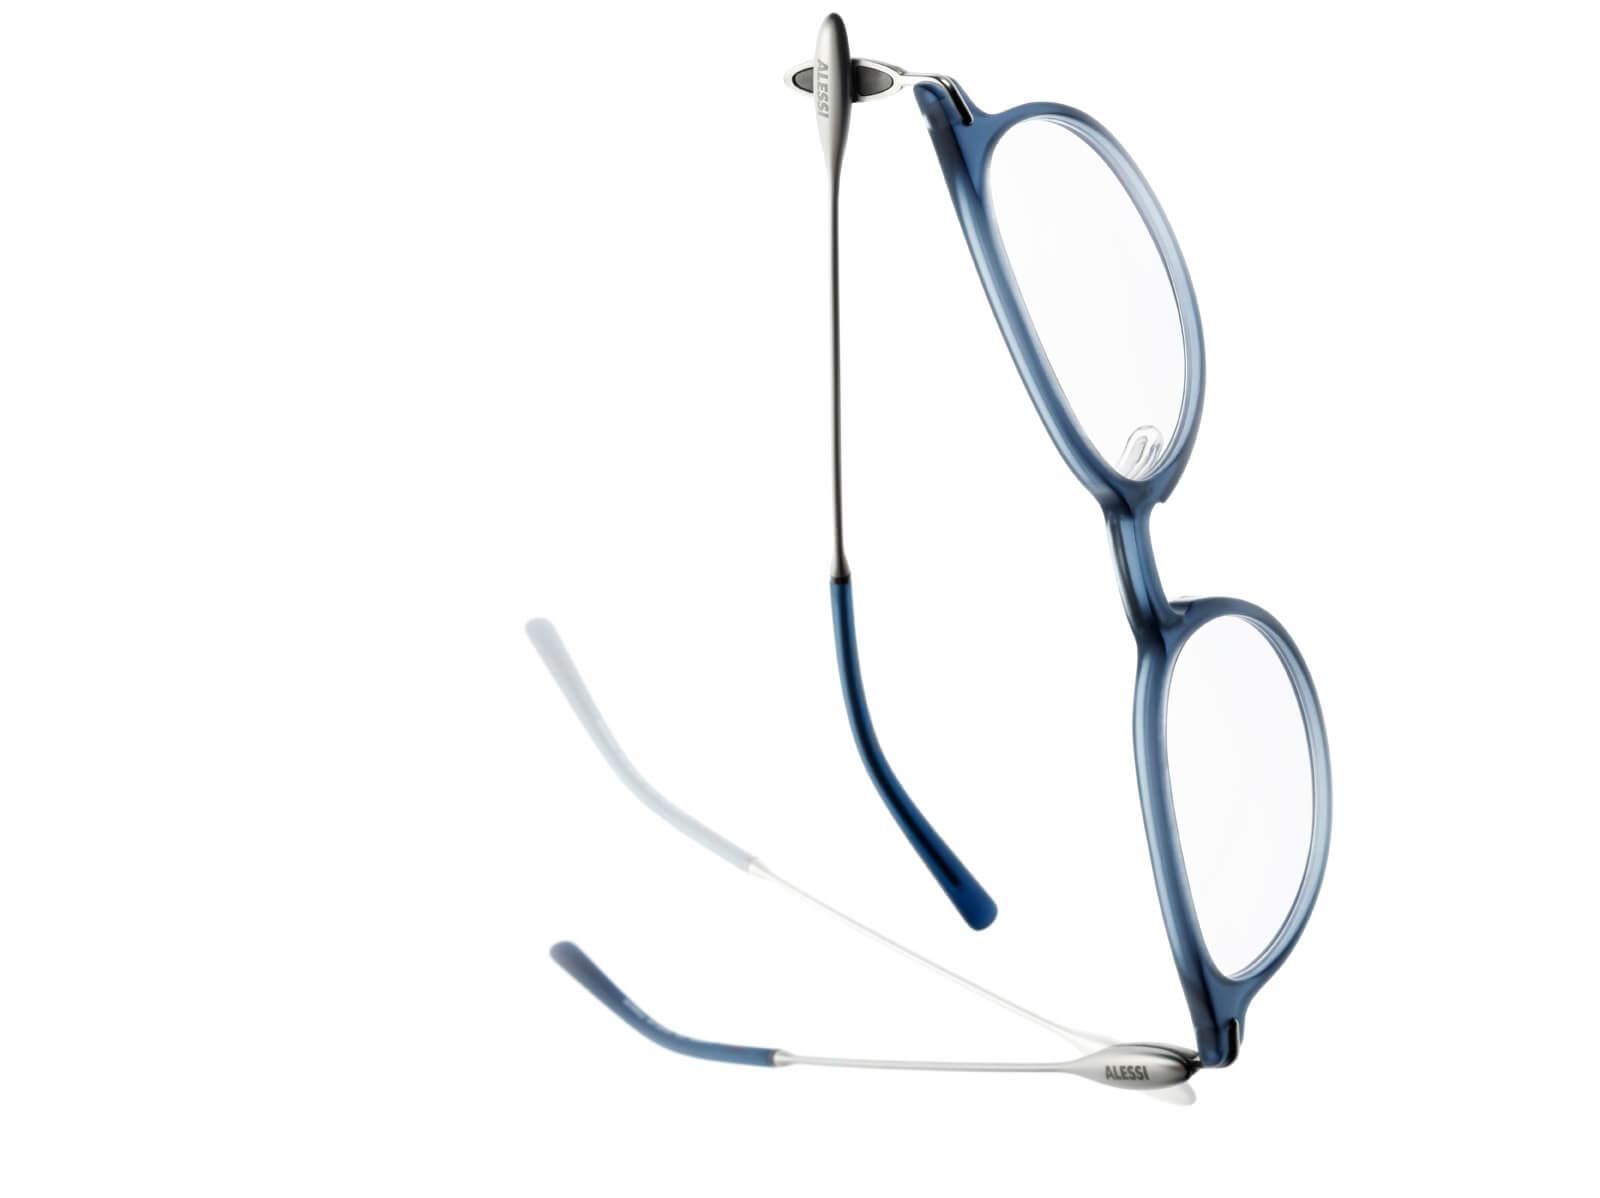 AlessiEyes-Kompas-optical-eyewear-magnetic-hinge-03.jpg